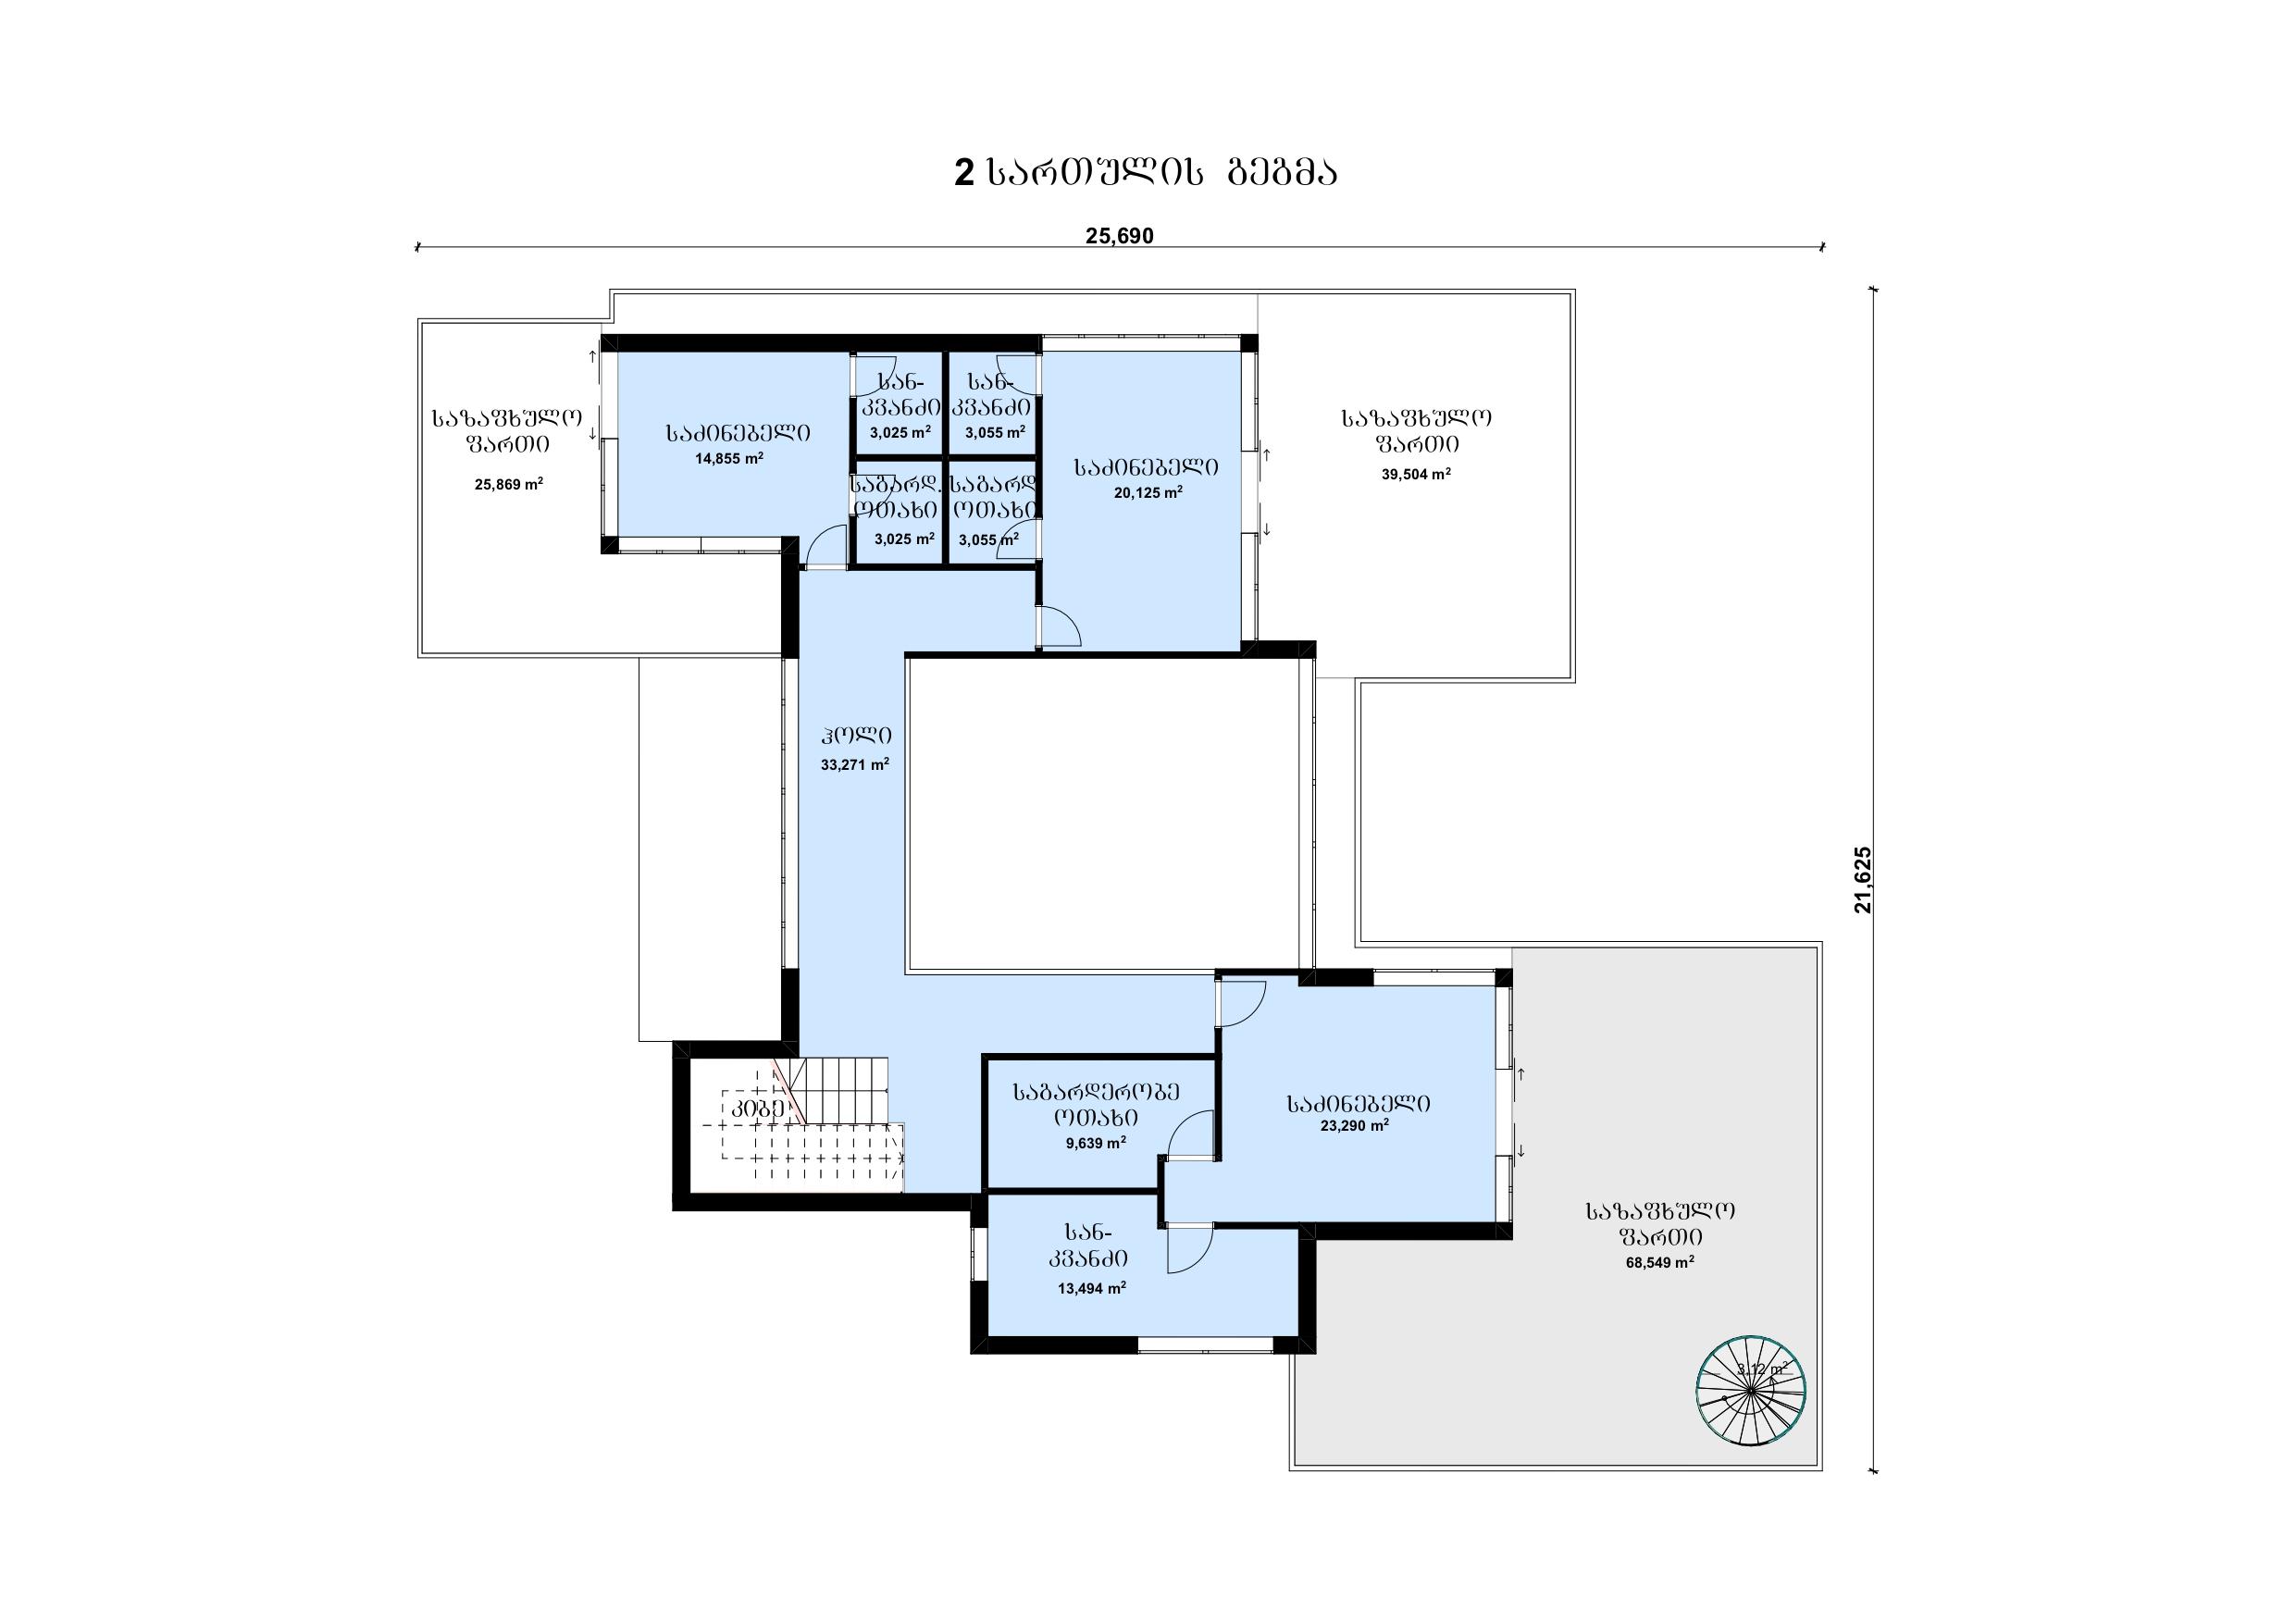 #არქიტექტურა#პროექტირება#ინდივიდუალურისაცხოვრებელისახლი#სახლი#არქიტექტურულიპროექტი#პროექტი#arqiteqtura#proeqtireba